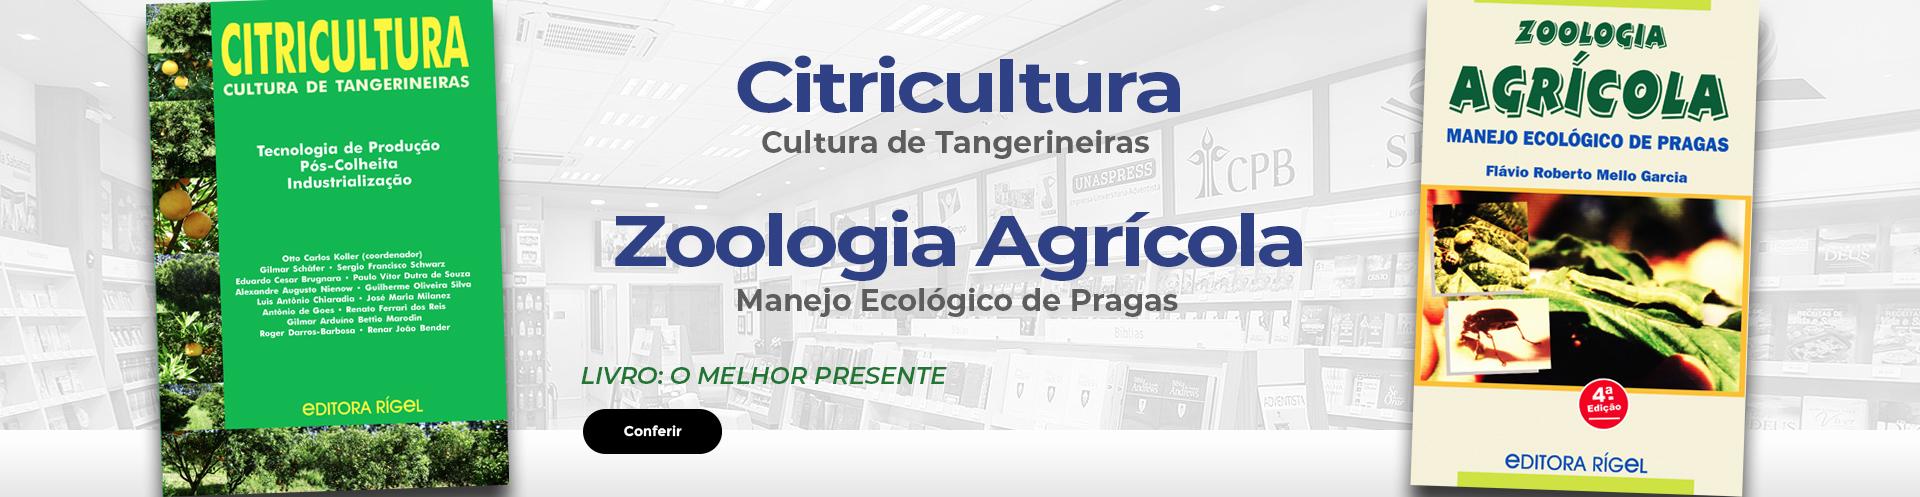 Full Banner - citricultura e zoologia